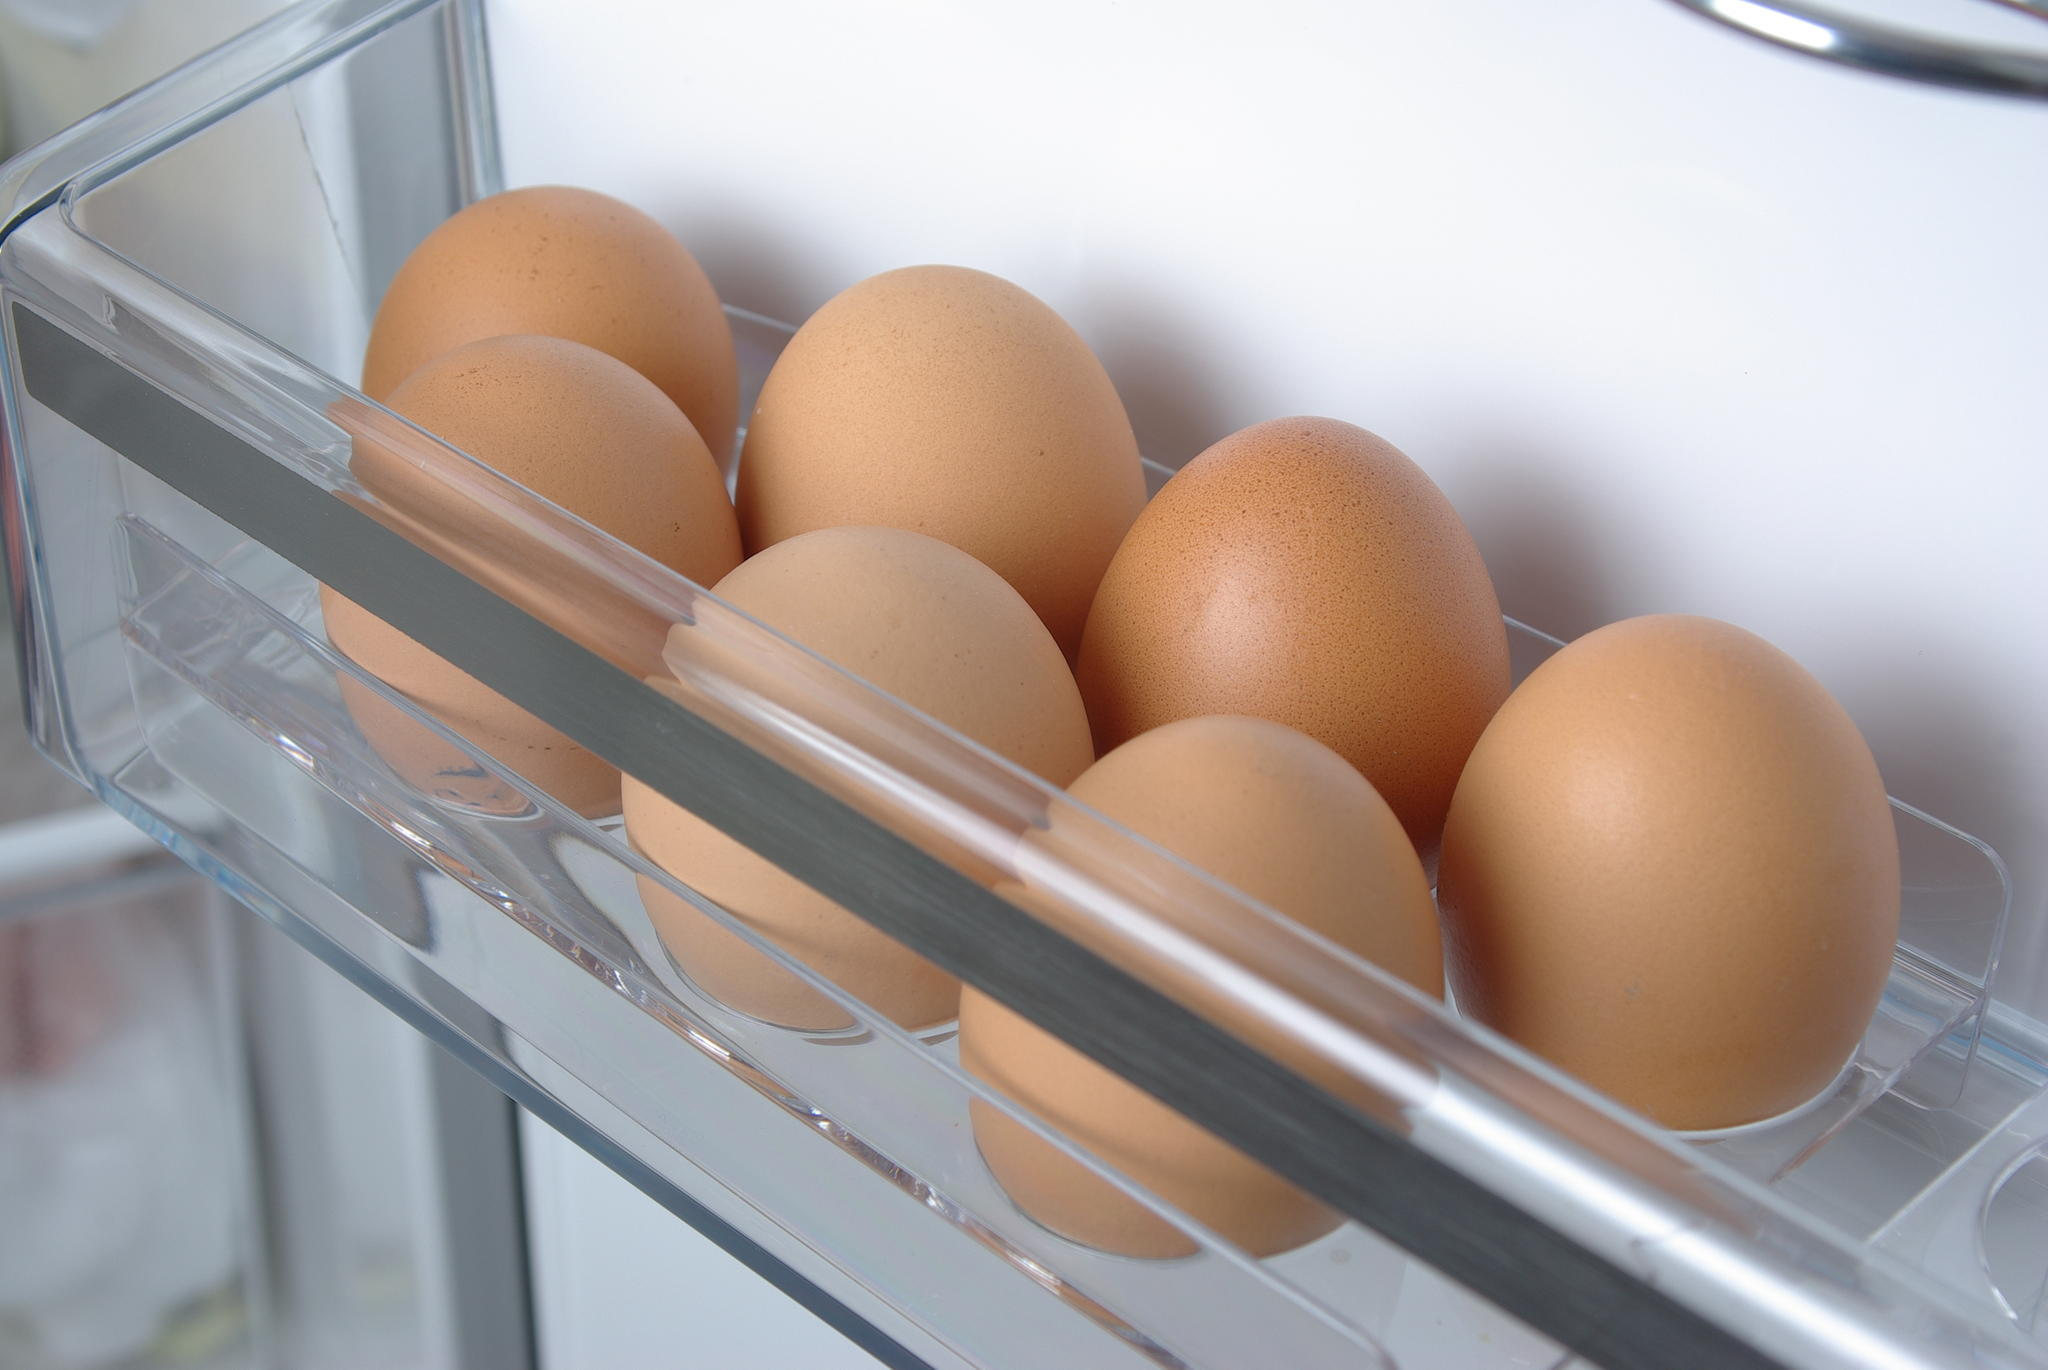 Kühlschrank Ei : Eier in der kühlschranktür eine dumme idee brigitte